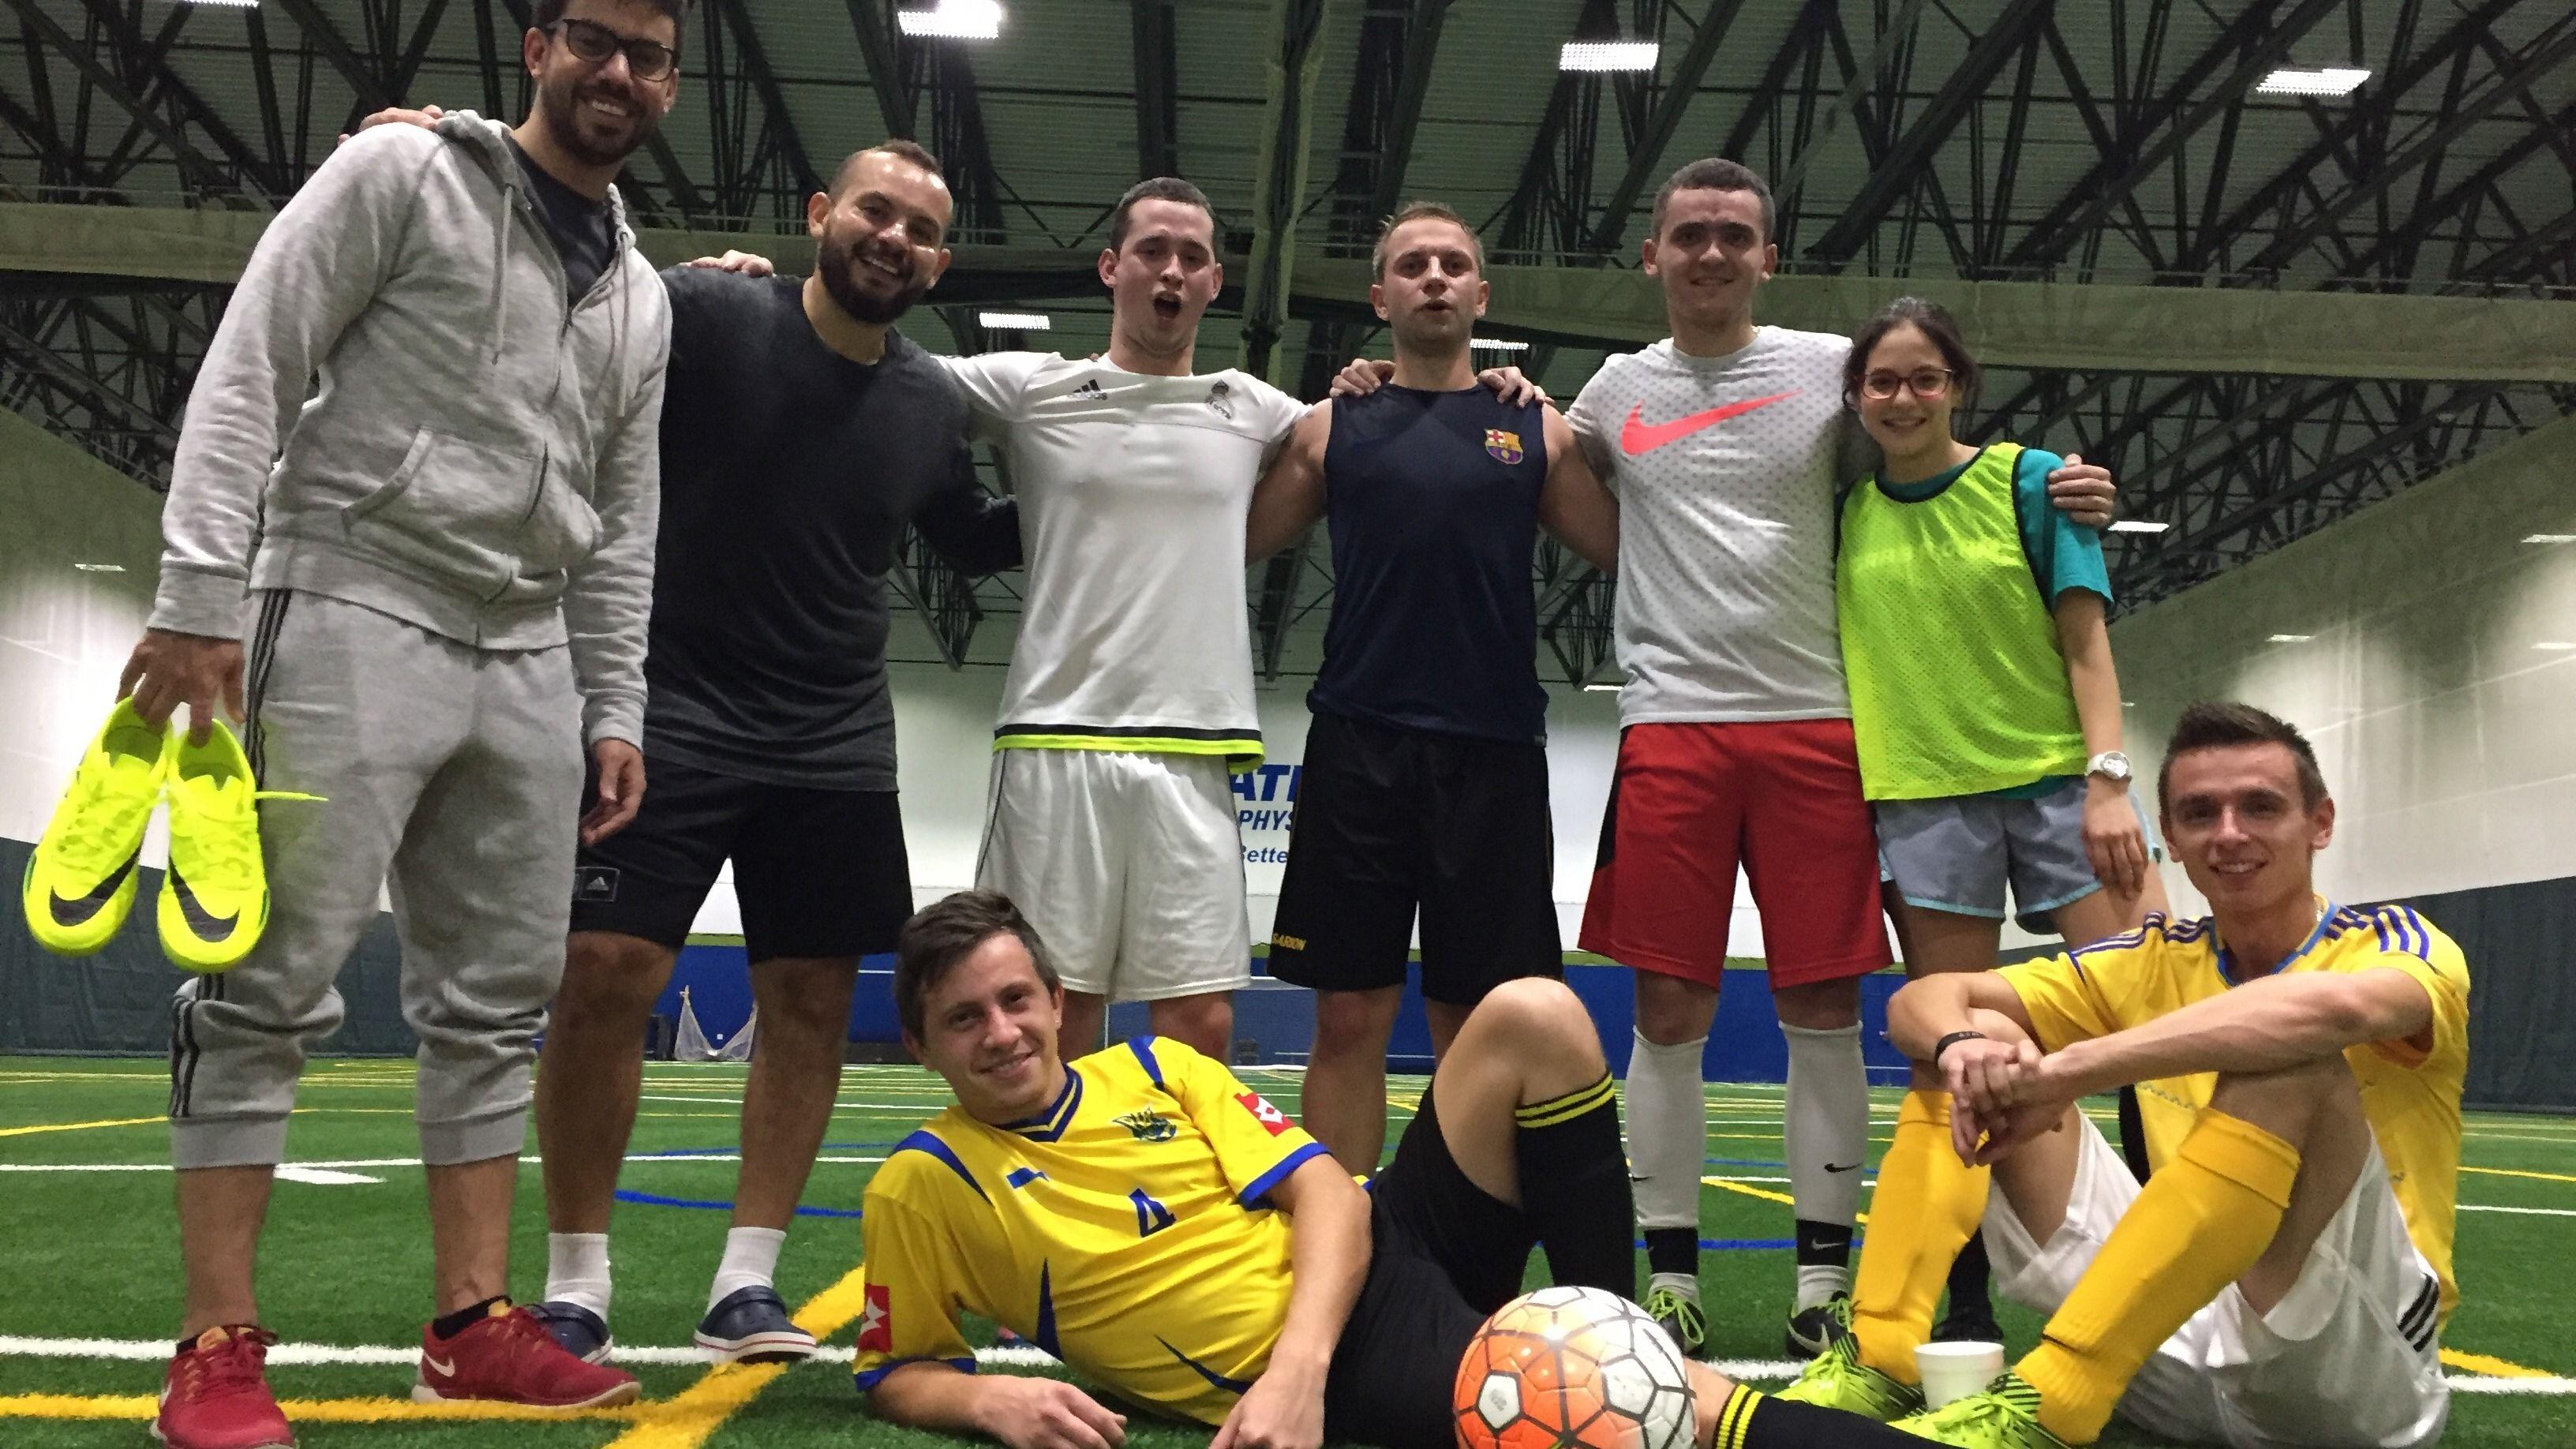 Grab a Game - Suburban Soccer